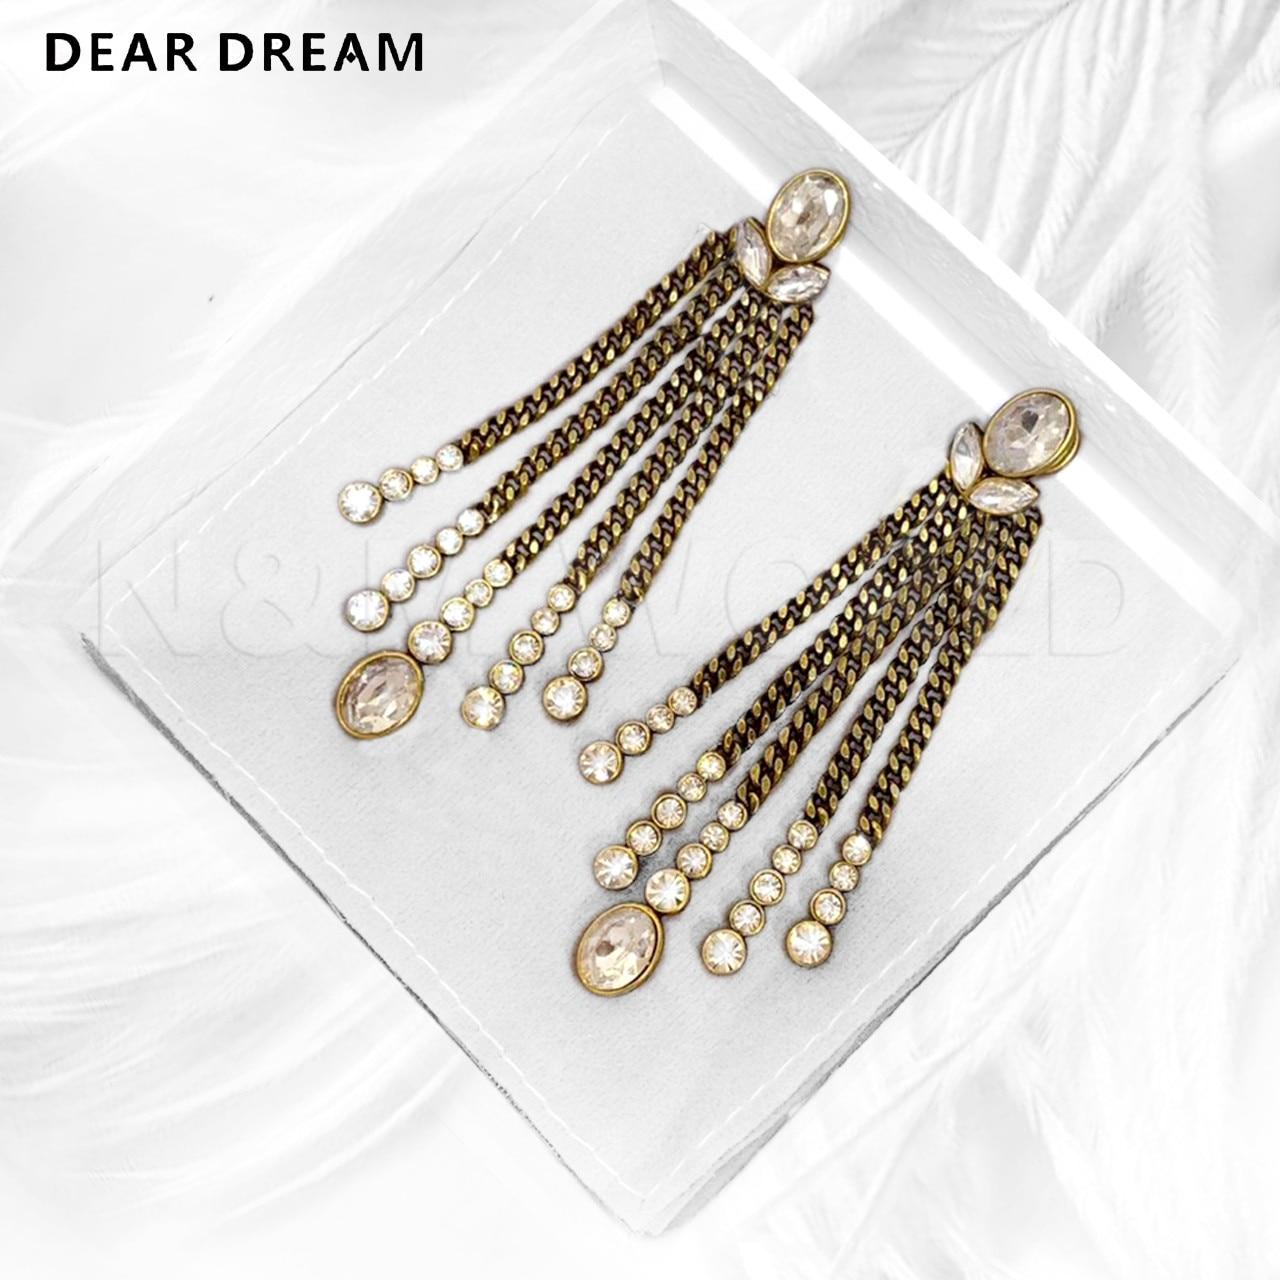 Oeil de cheval cubique Zircon ange chaîne gland boucles d'oreilles 2019 bijoux de mode pour les femmes déclaration bijoux exquis cadeau